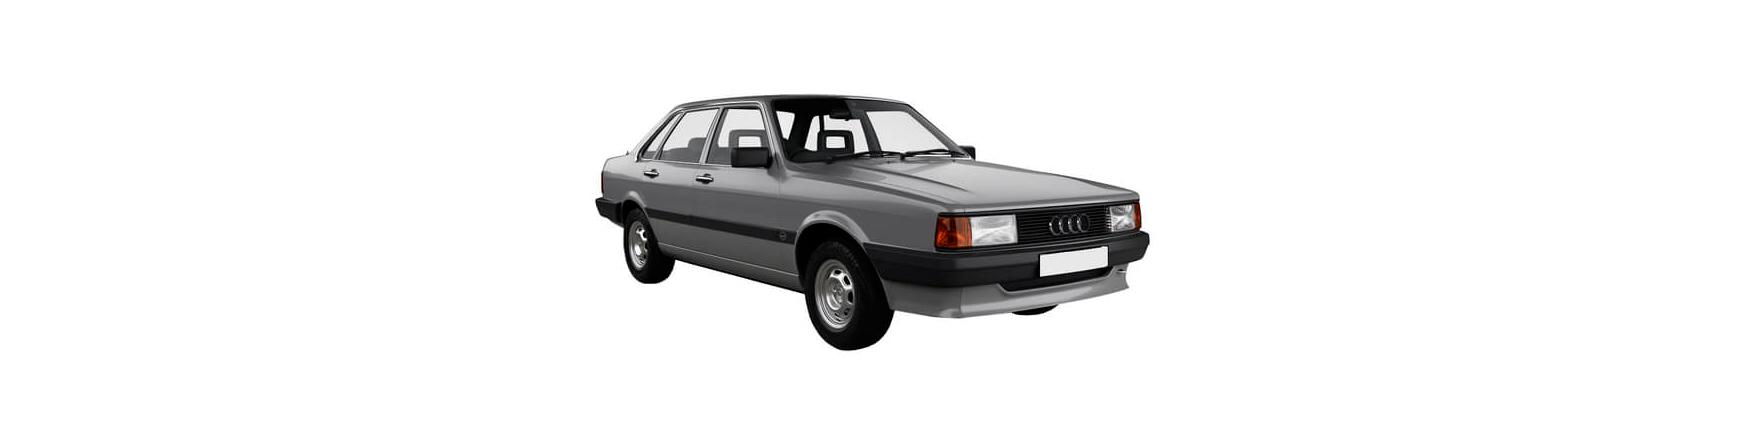 audi 80 1984 1985 1986 mecanica carroceria accesorio